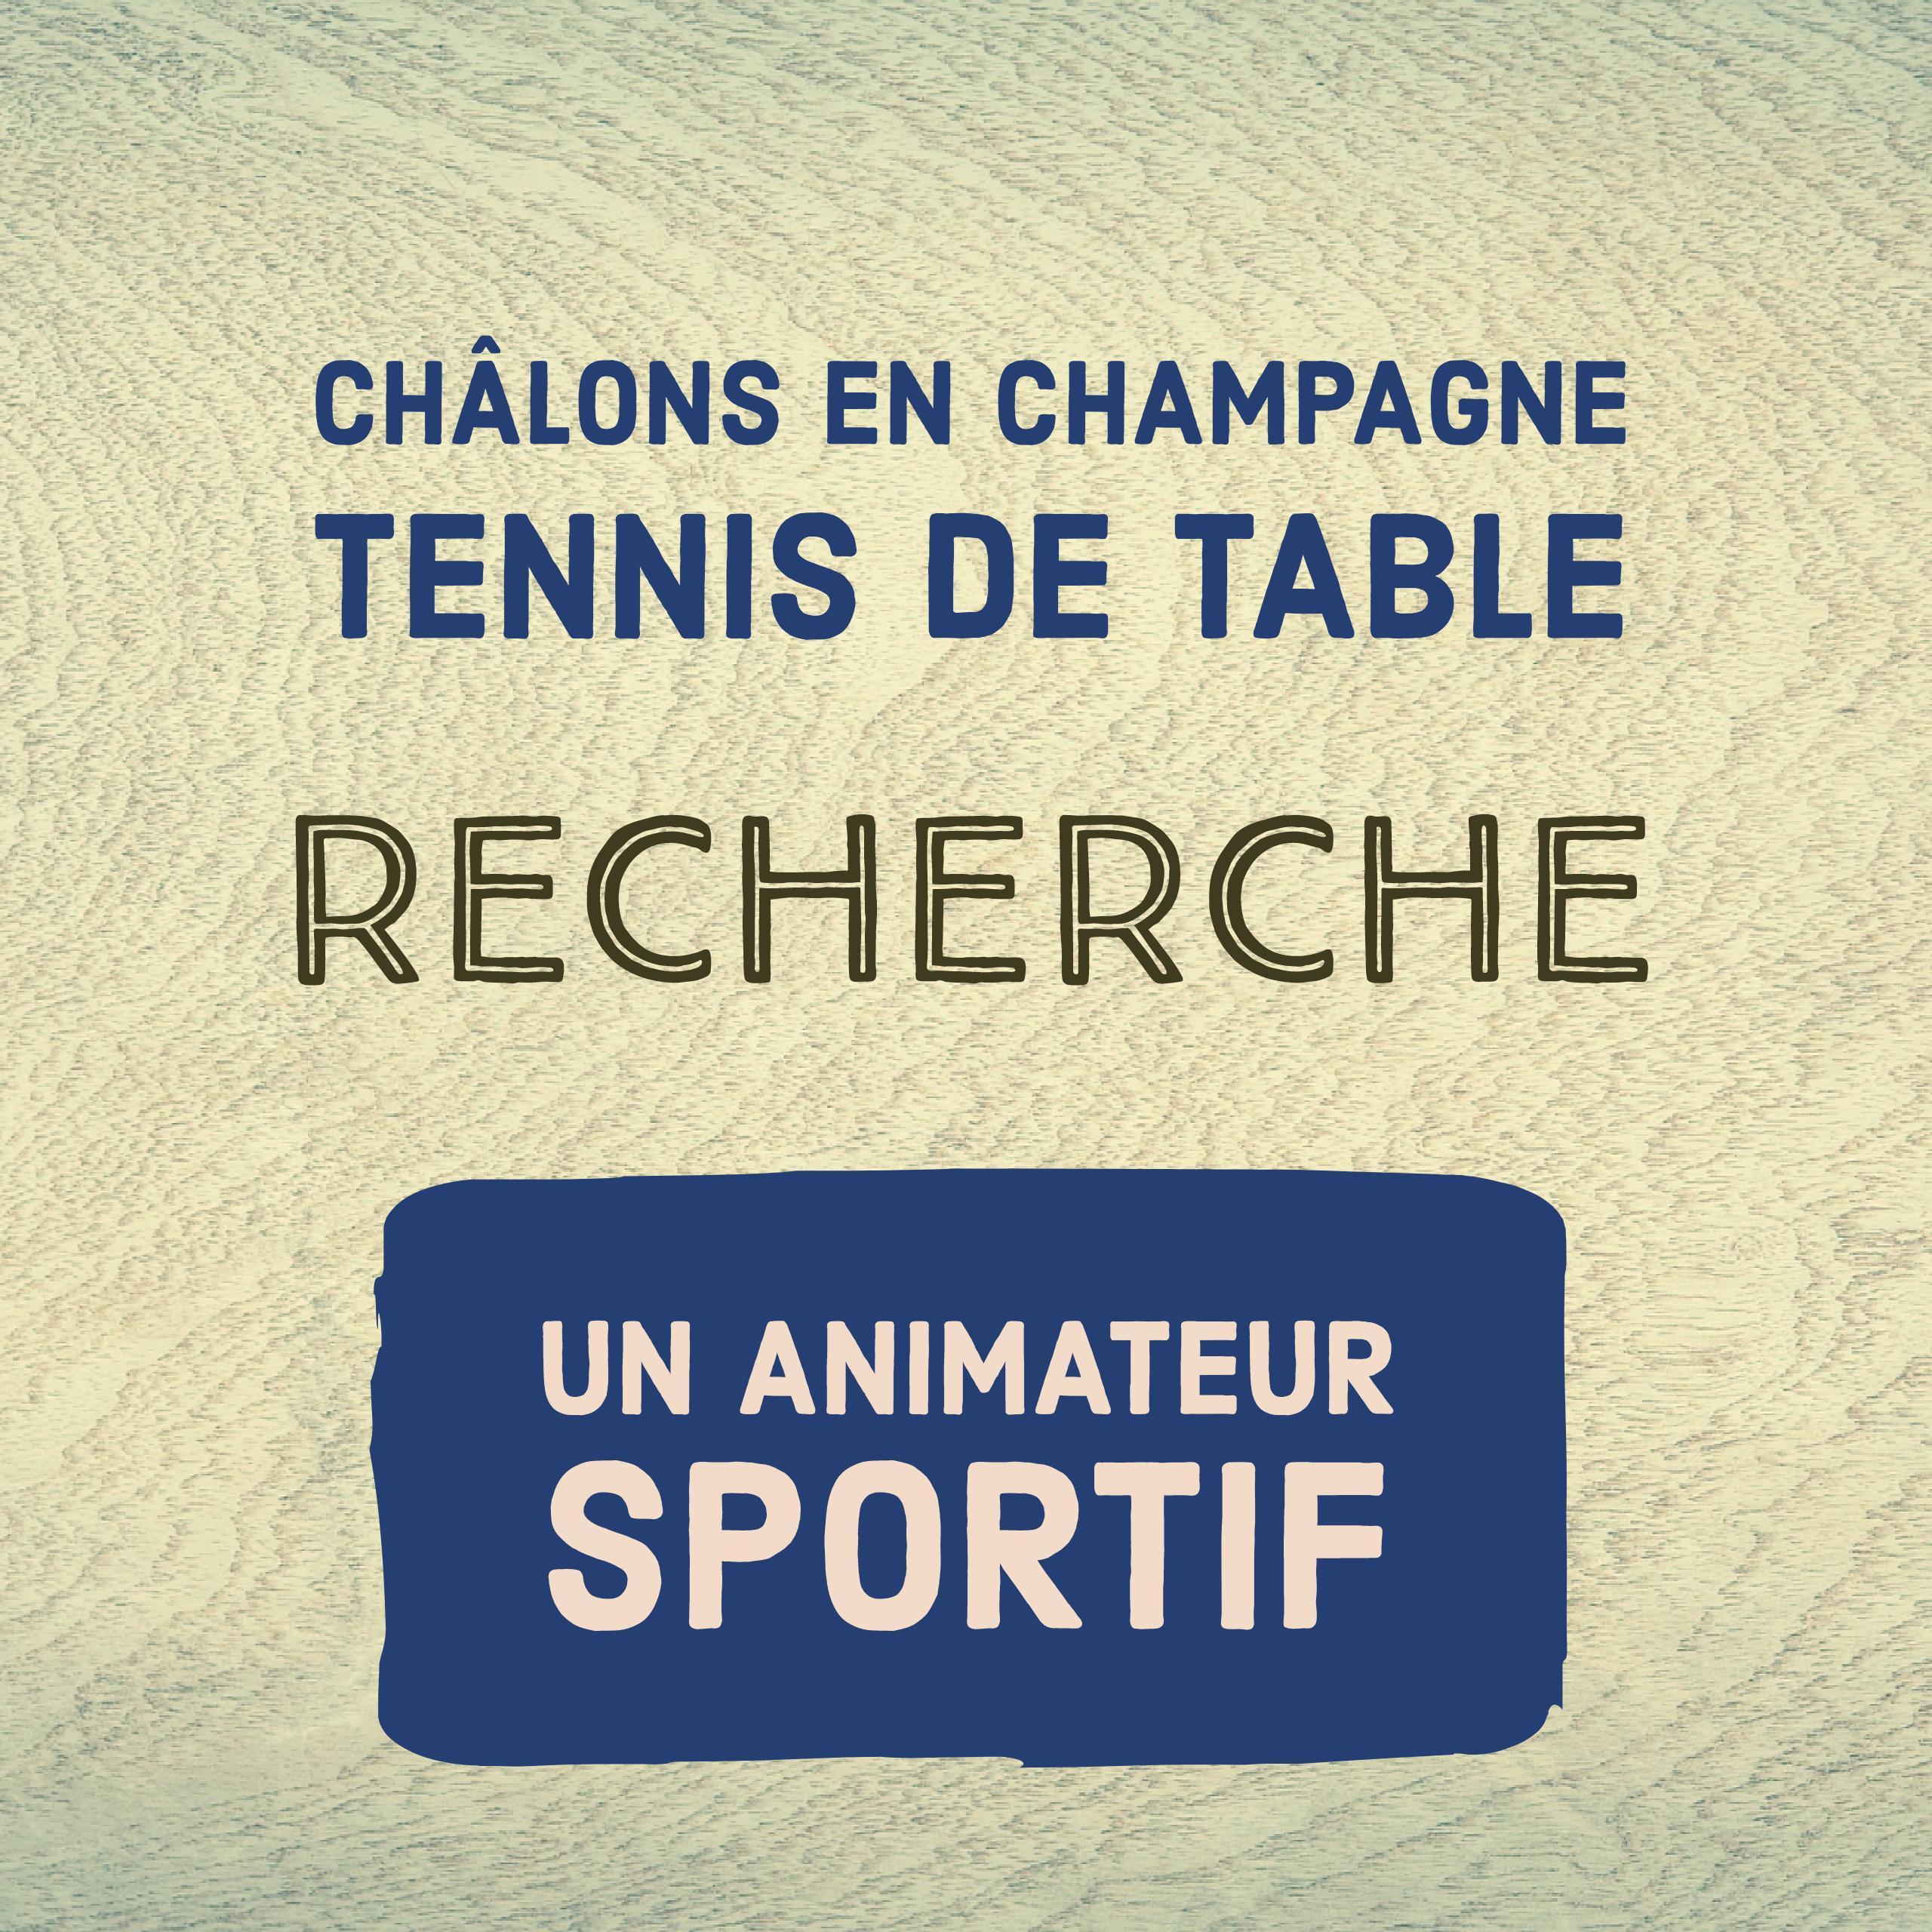 le cctt recherche un animateur sportif ch lons en champagne tennis de table. Black Bedroom Furniture Sets. Home Design Ideas